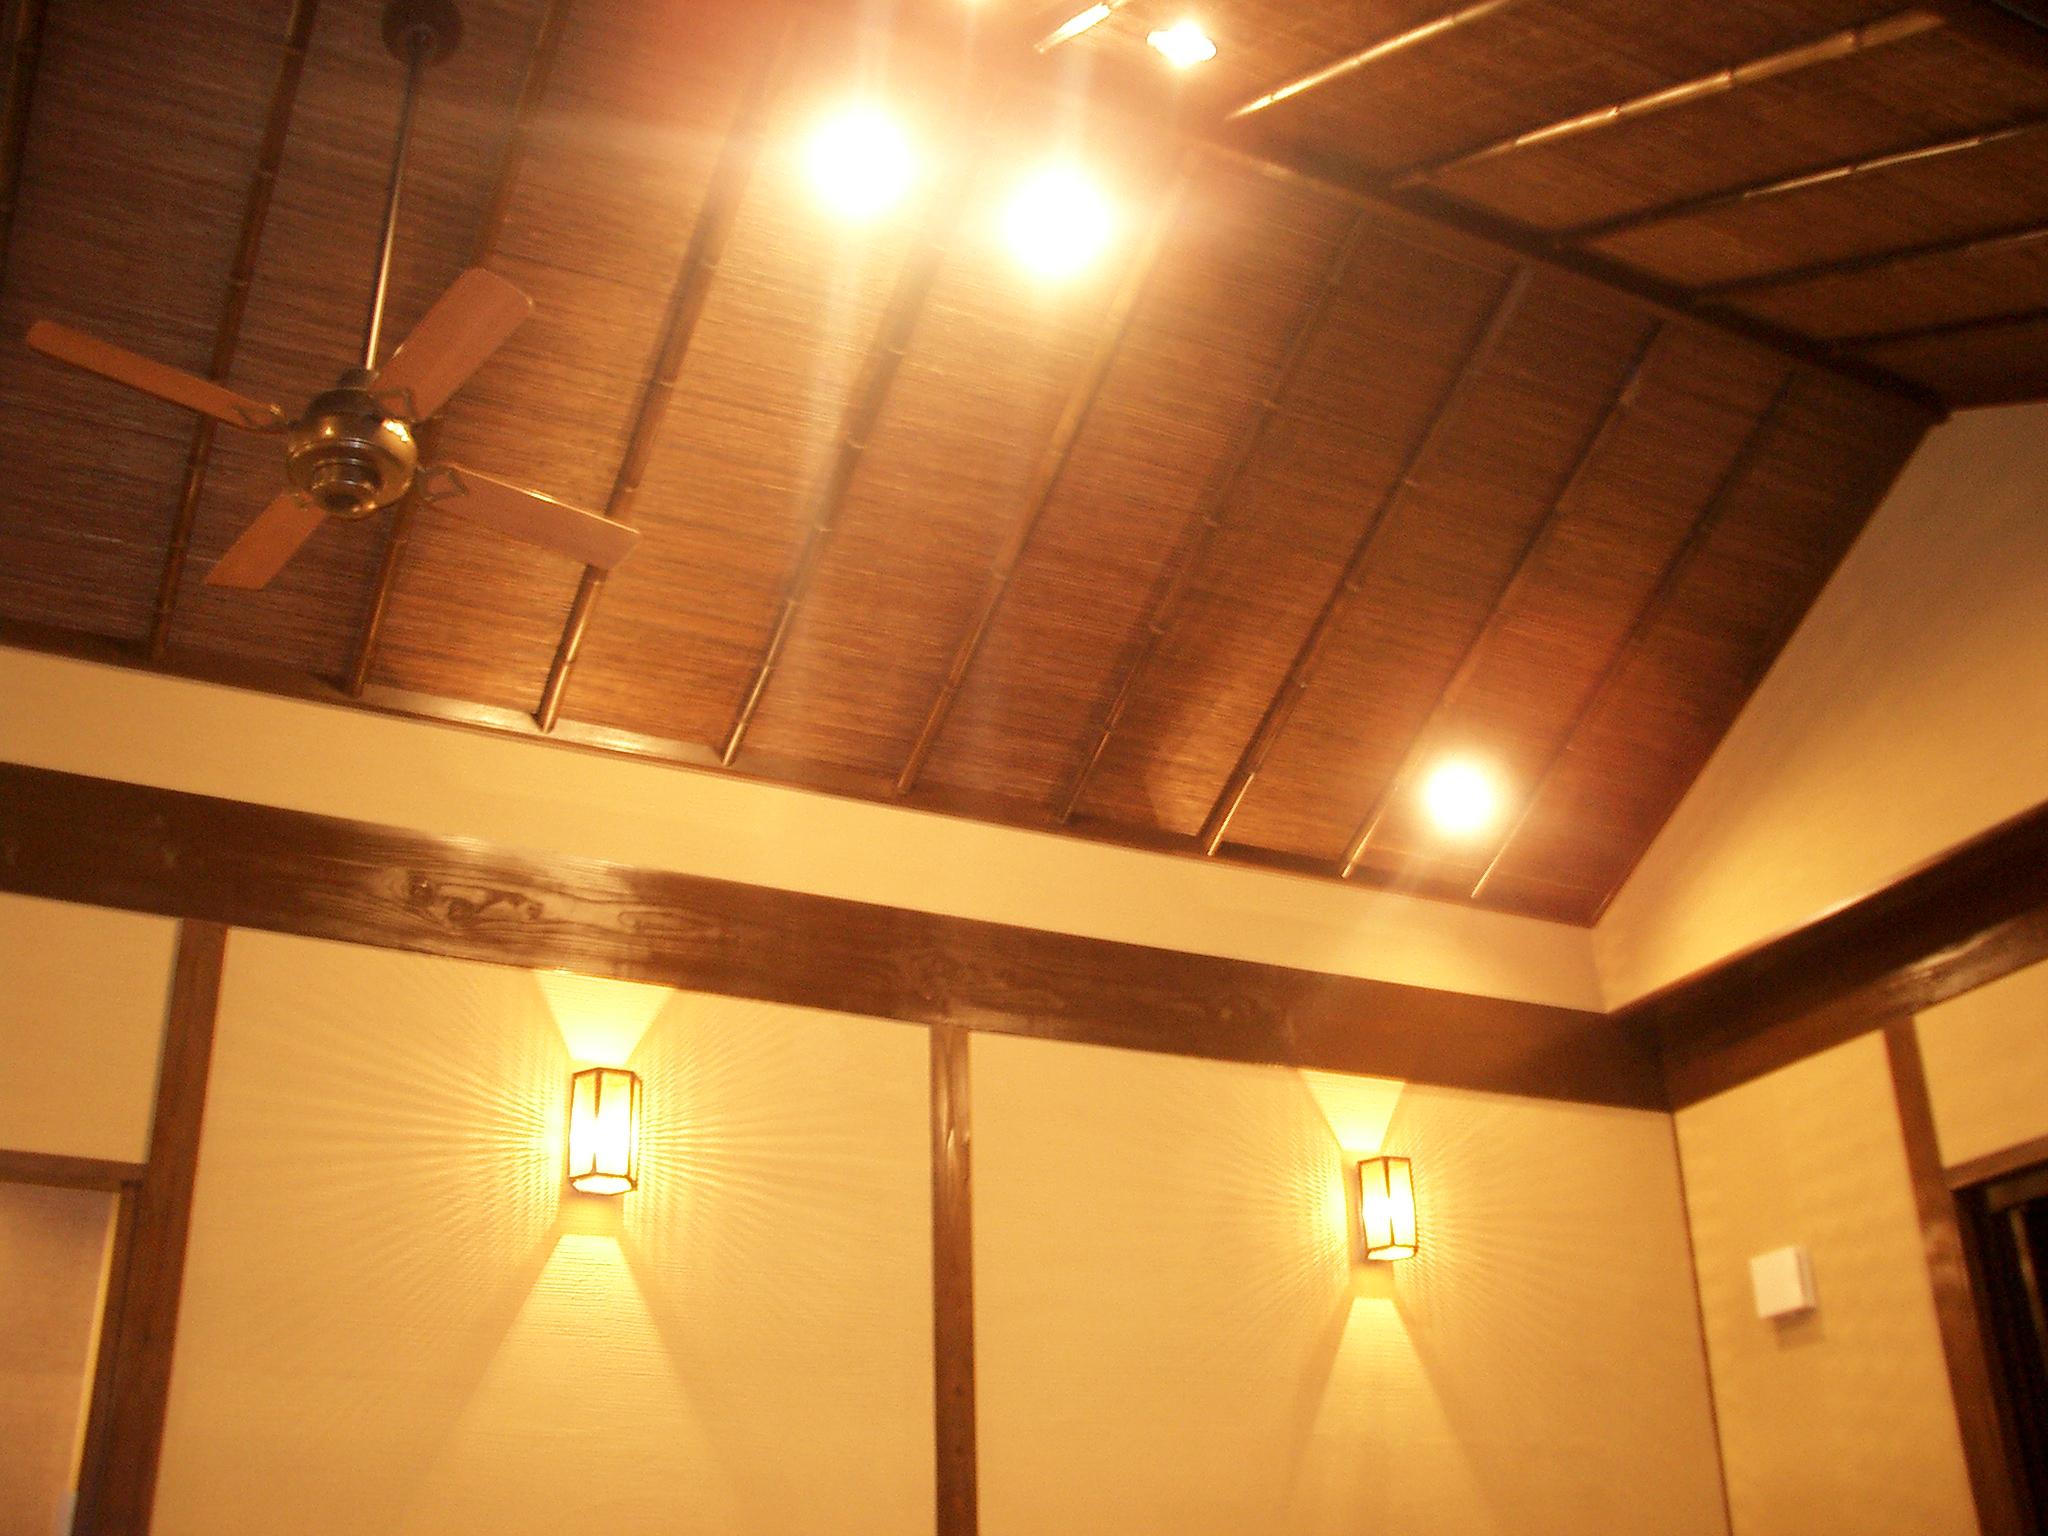 バリスタイルの家でのリビング天井の様子です